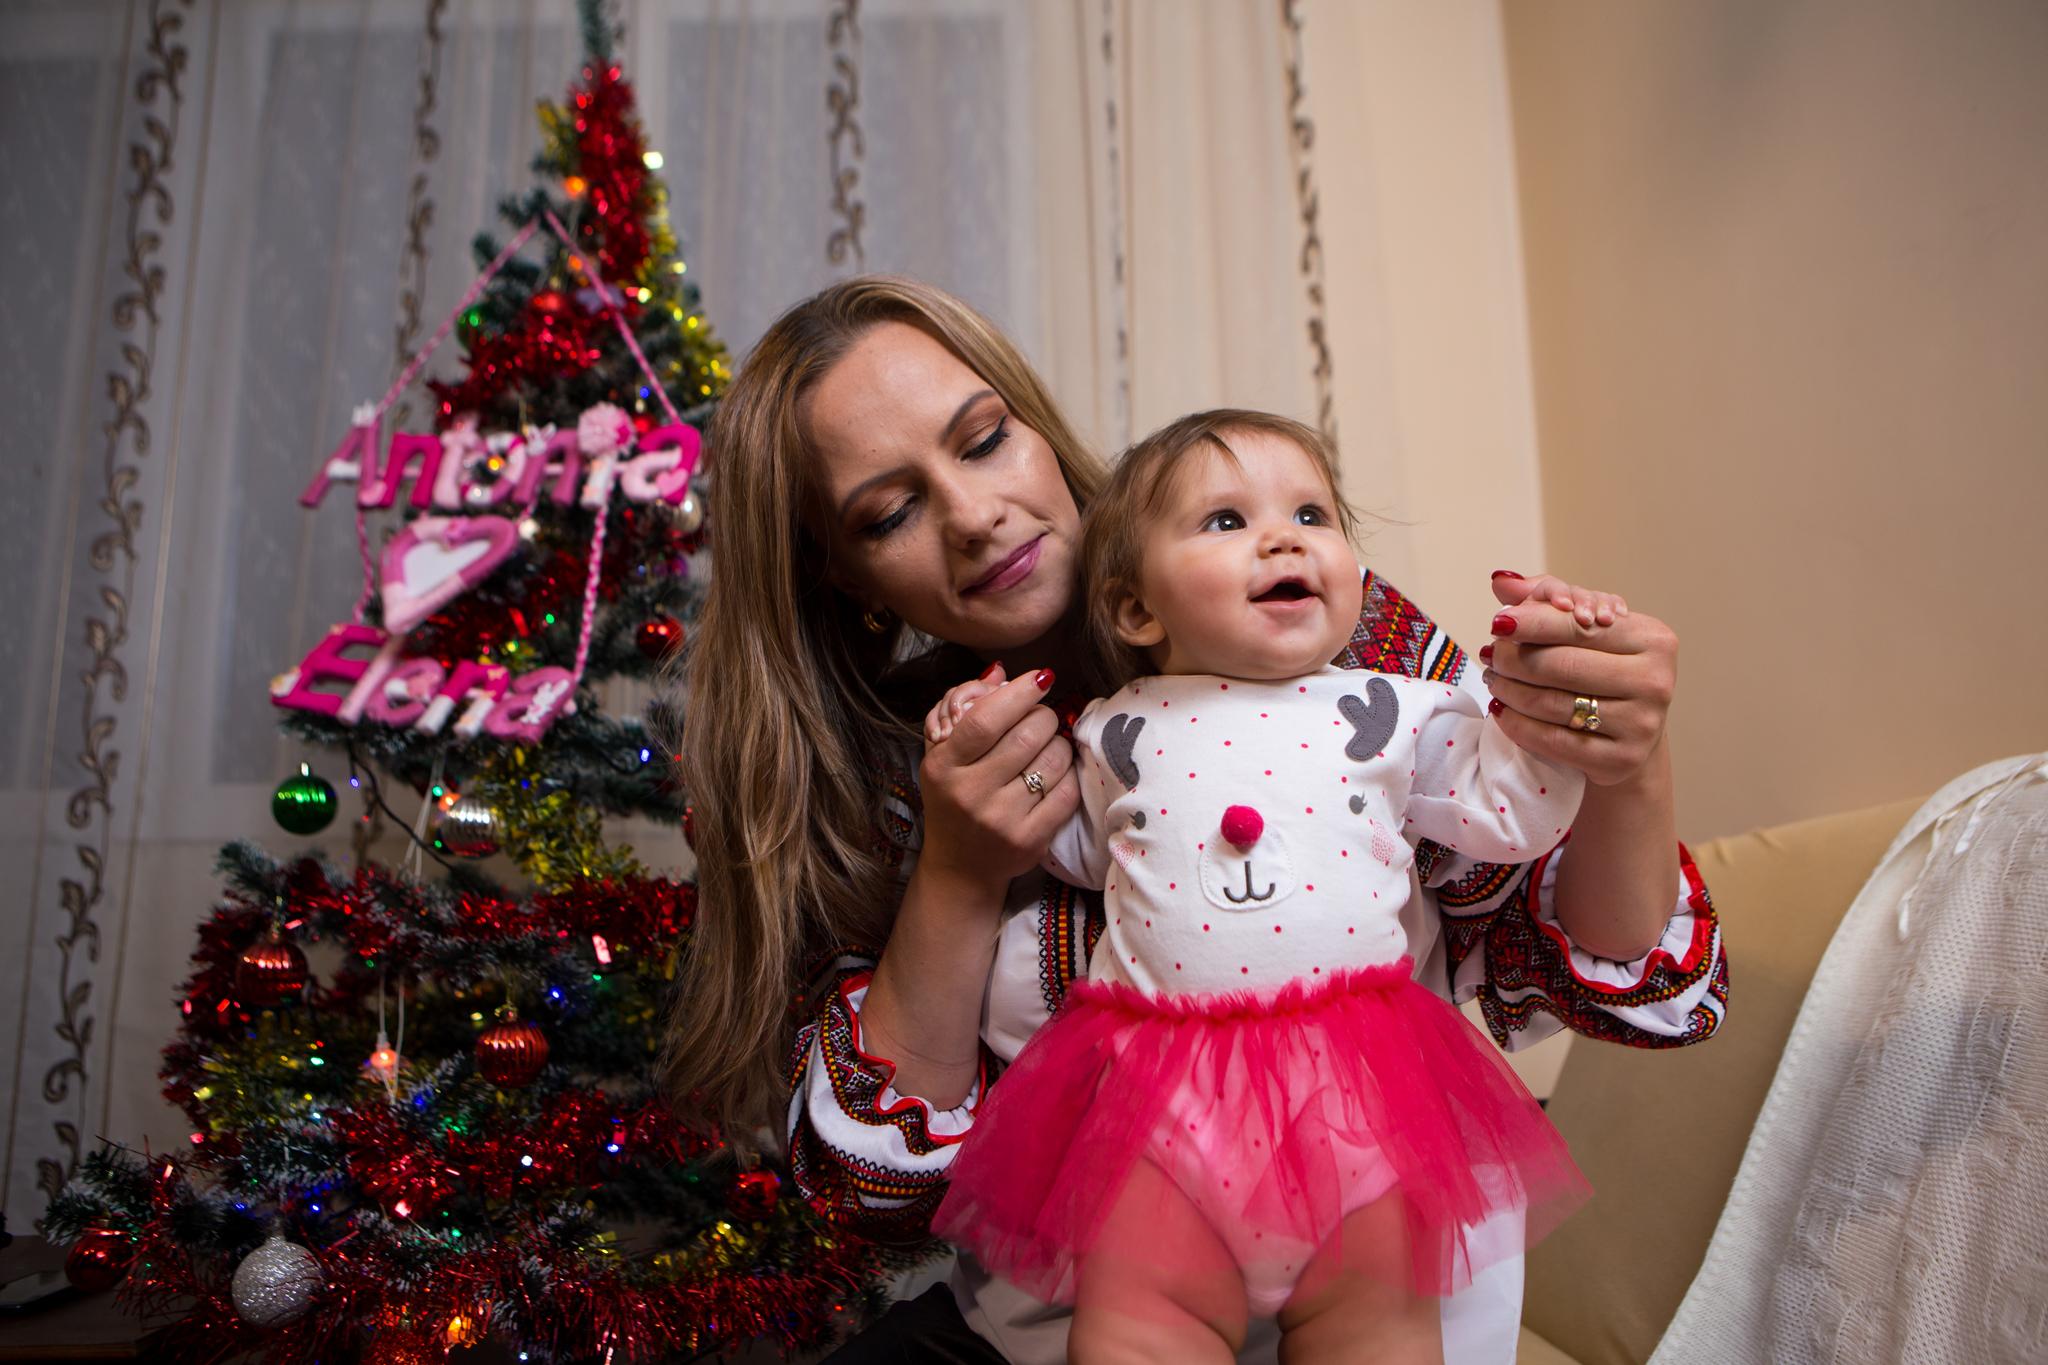 antonia elena 316 of 350 Ședință foto de Crăciun